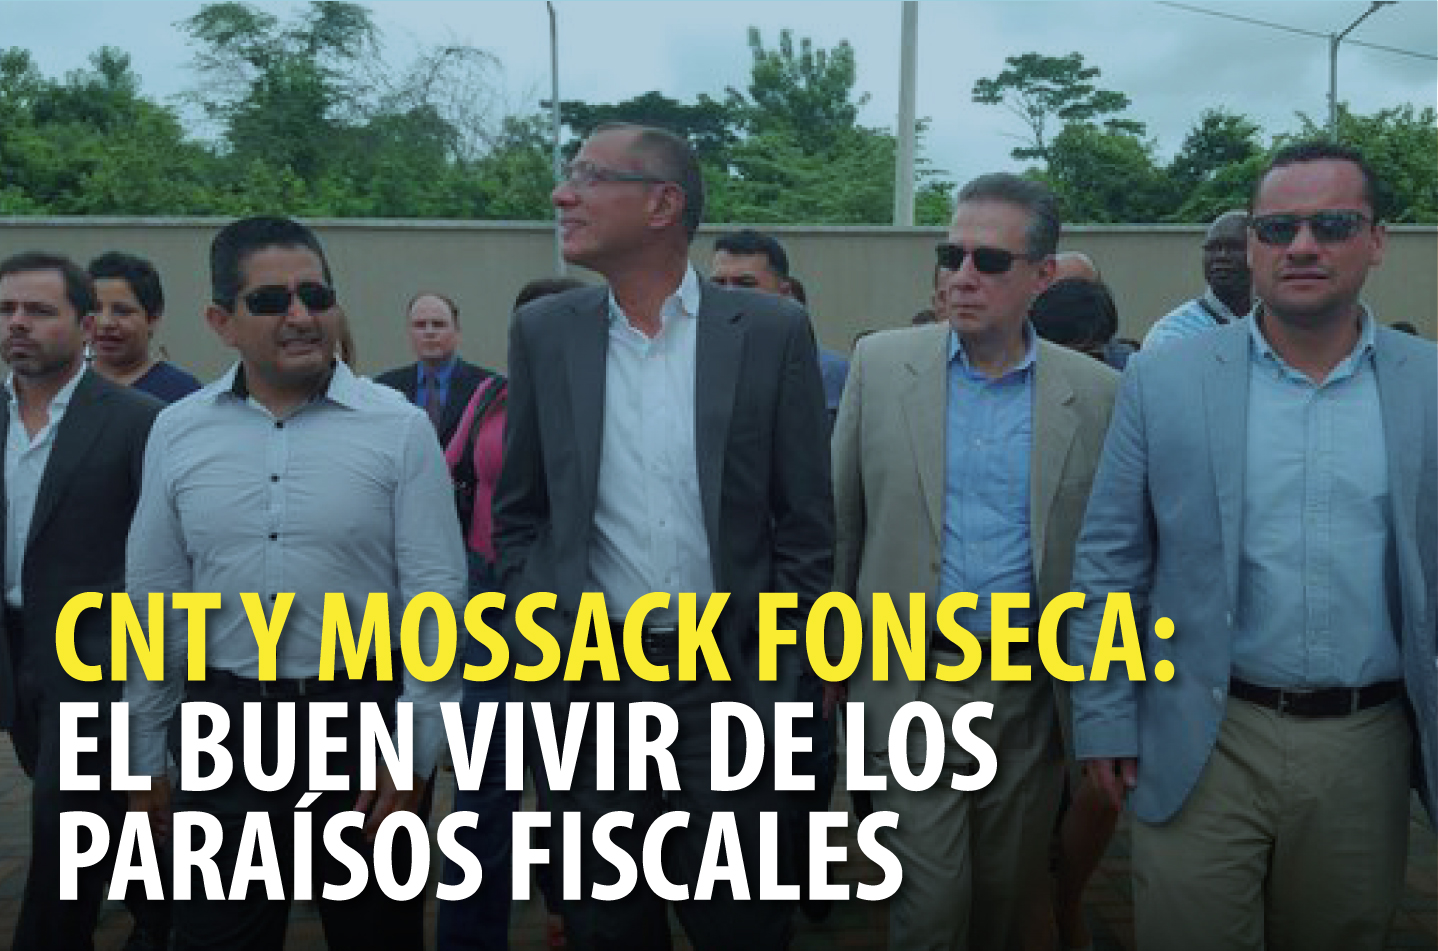 CNT Y MOSSAK FONSECA: EL BUEN VIVIR DE LOS PARAÍSOS FISCALES